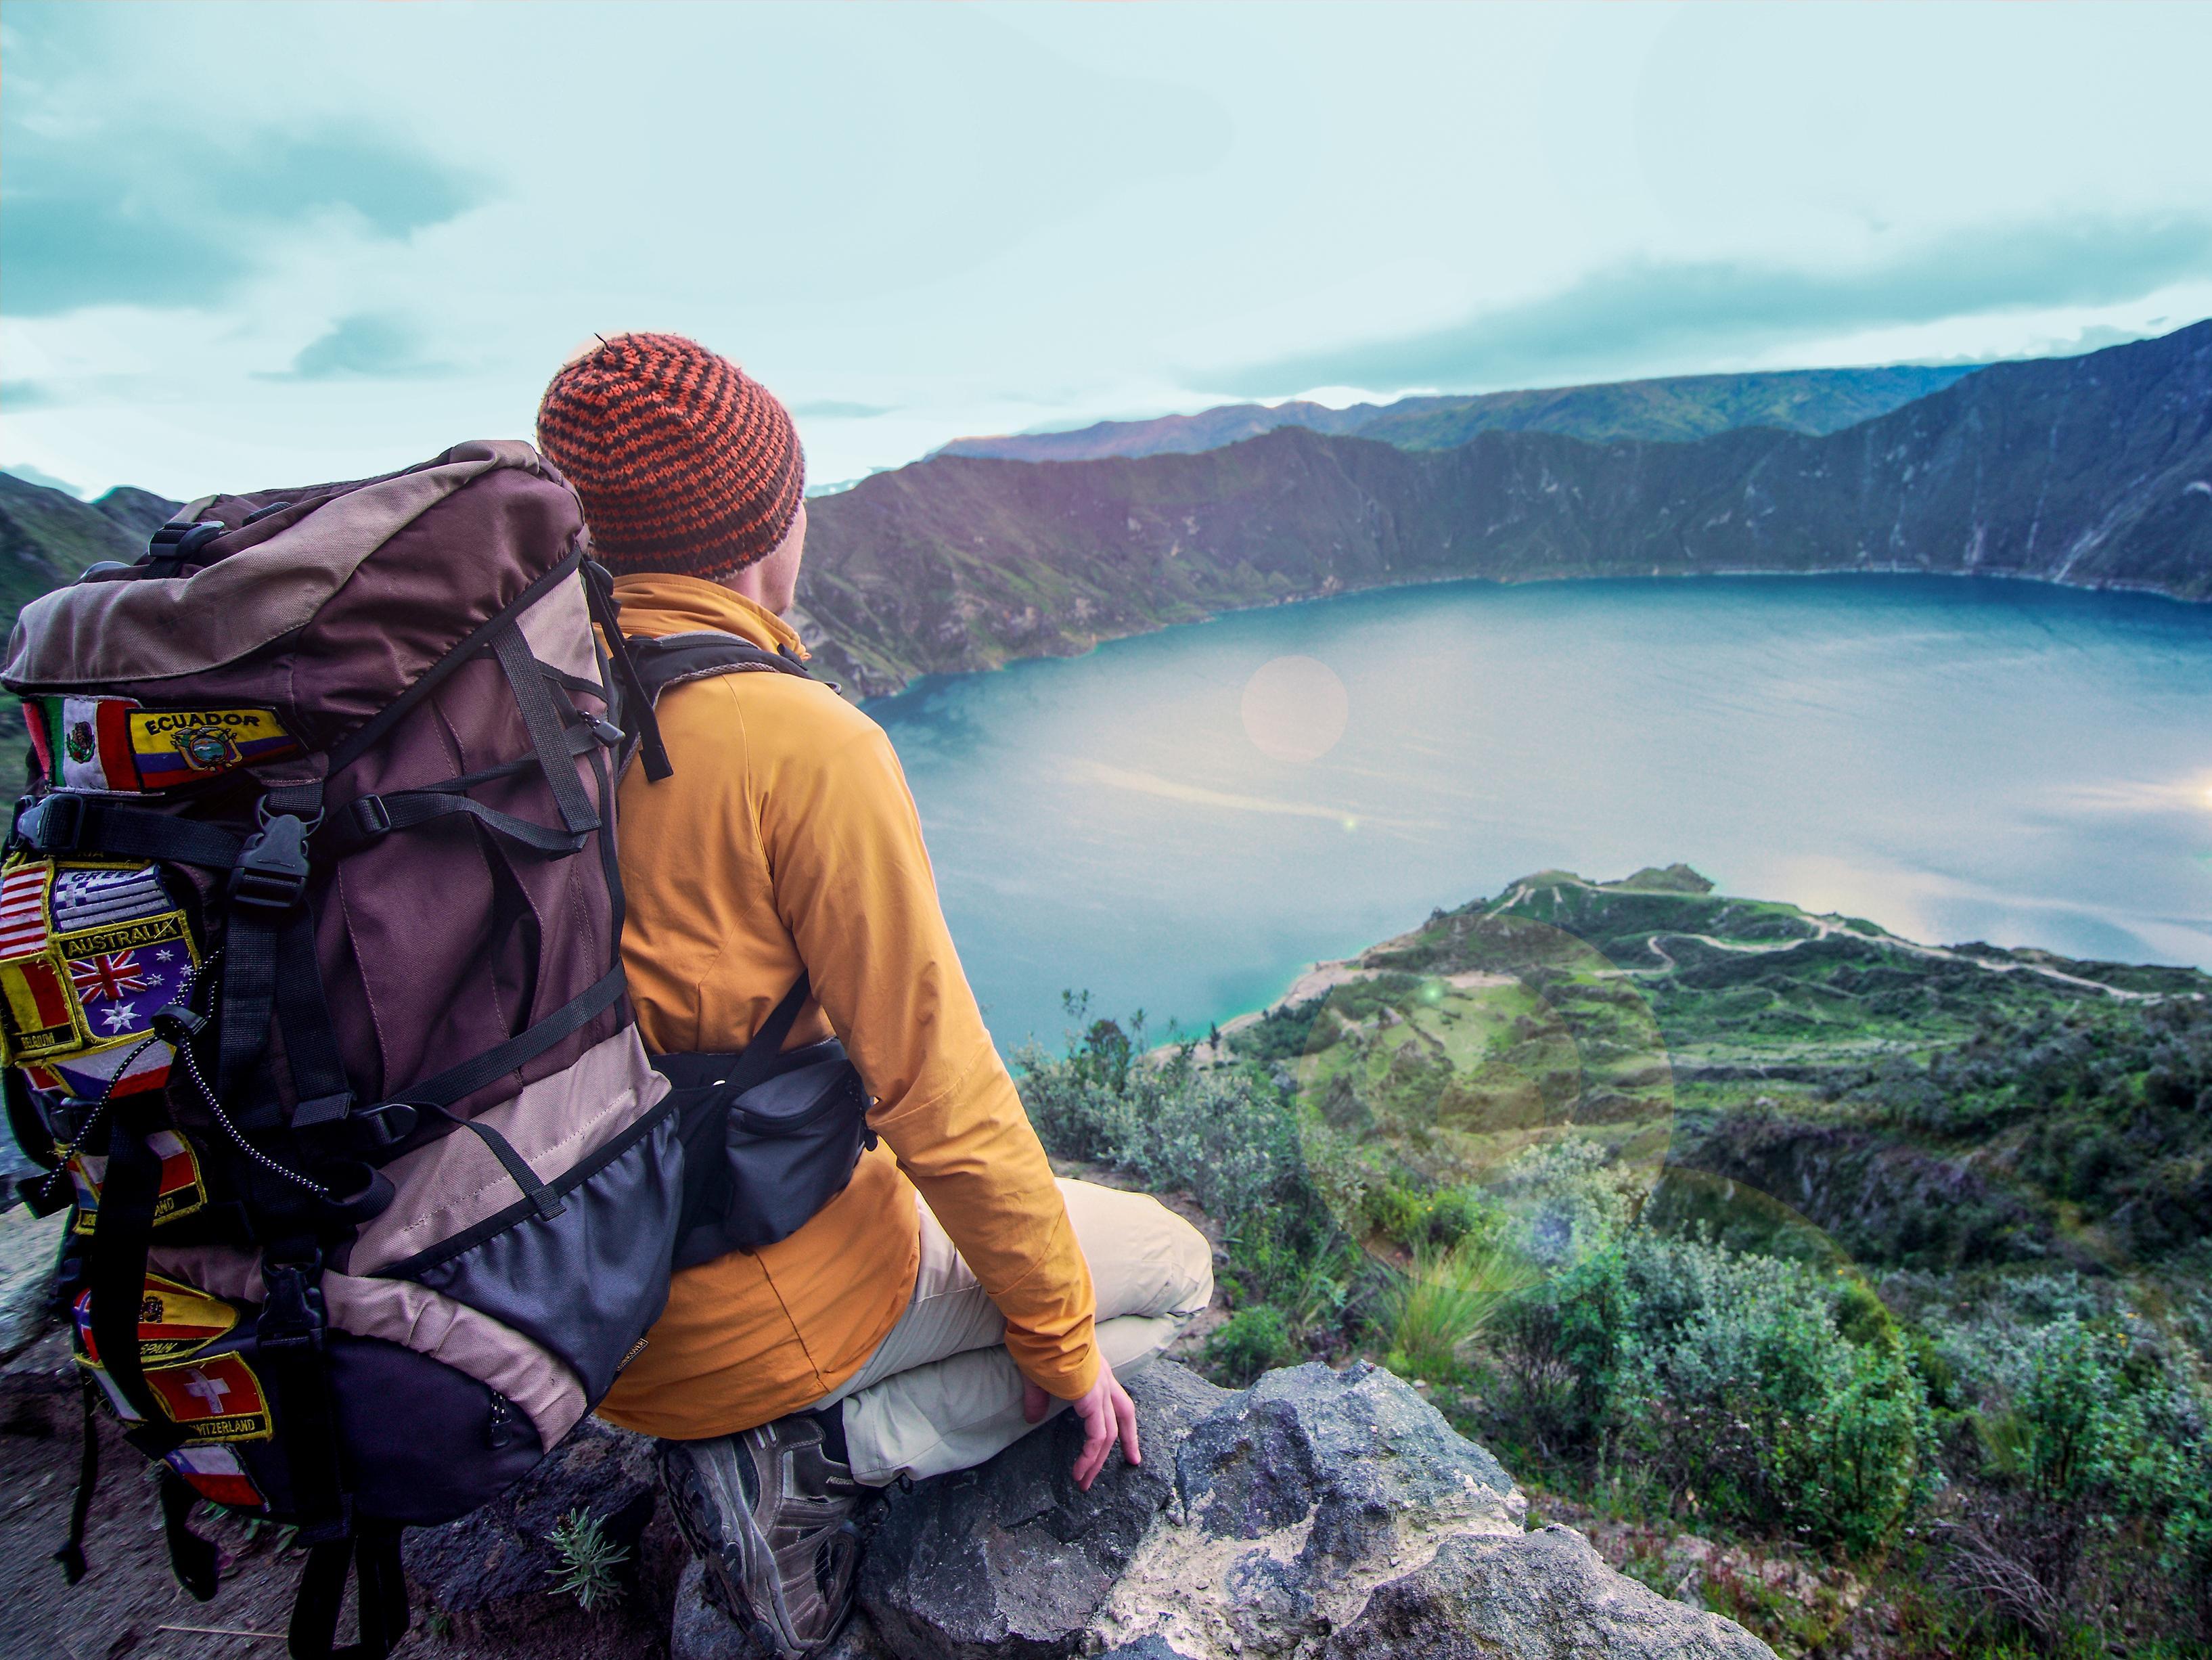 Trekking Quilotoa Crater Lake, Ecuador mainland adventures